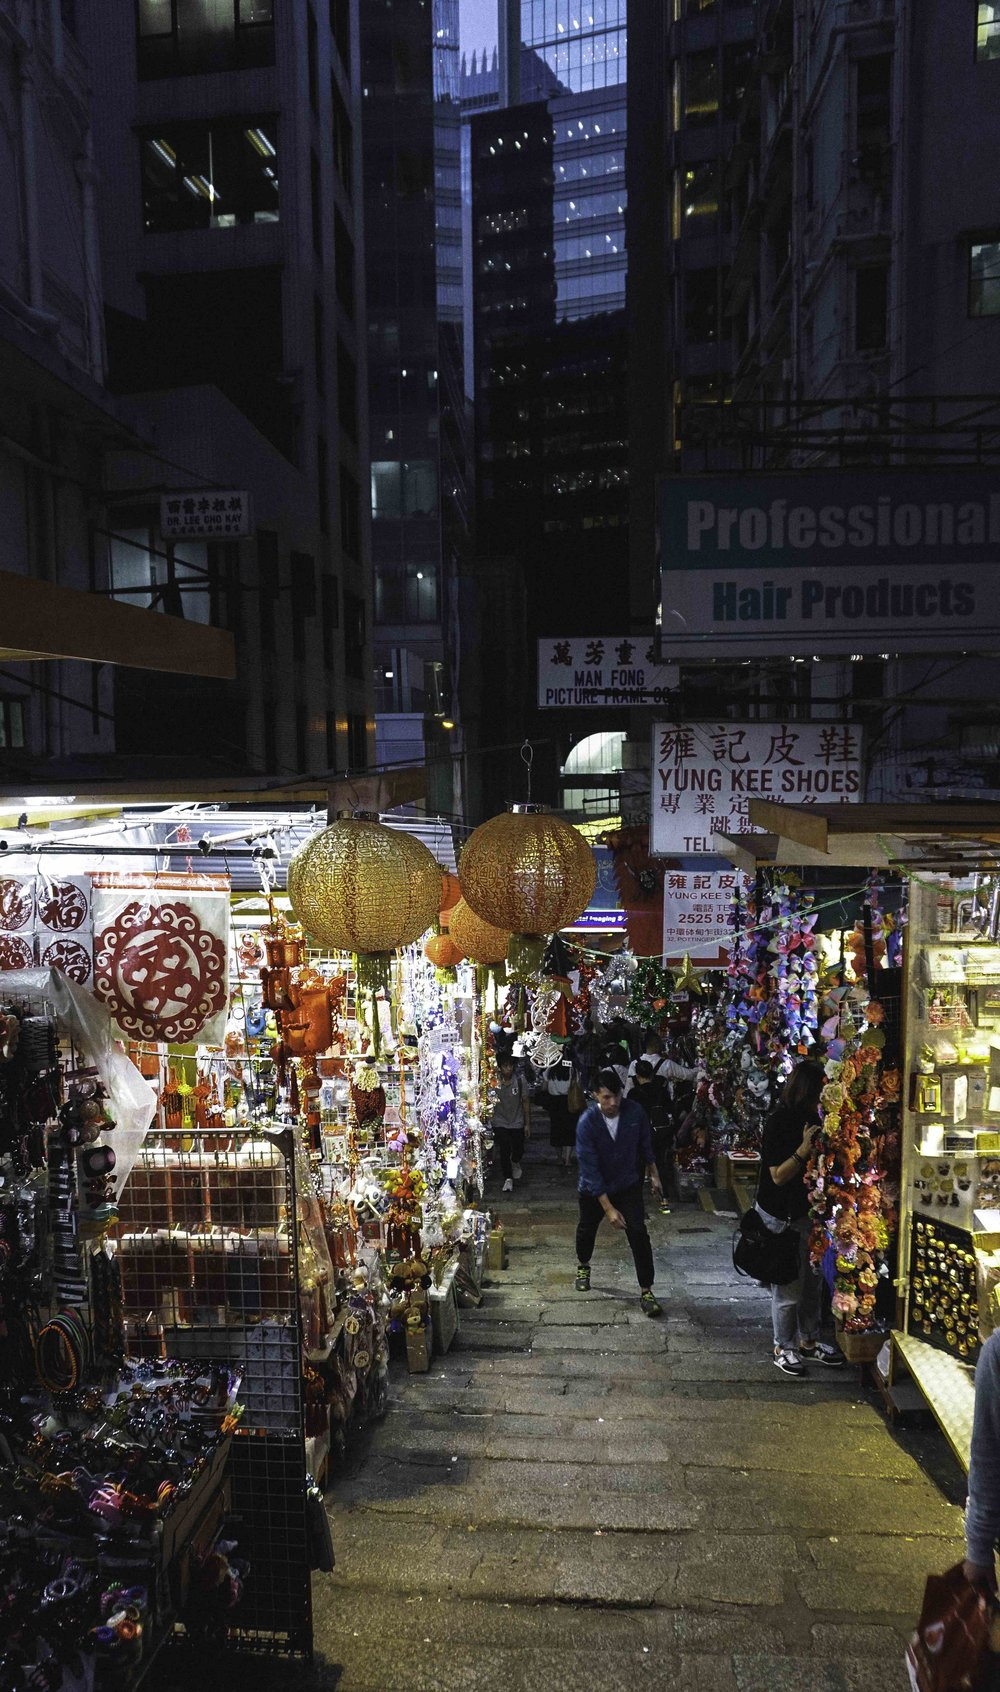 Hong Kong night market street.jpg